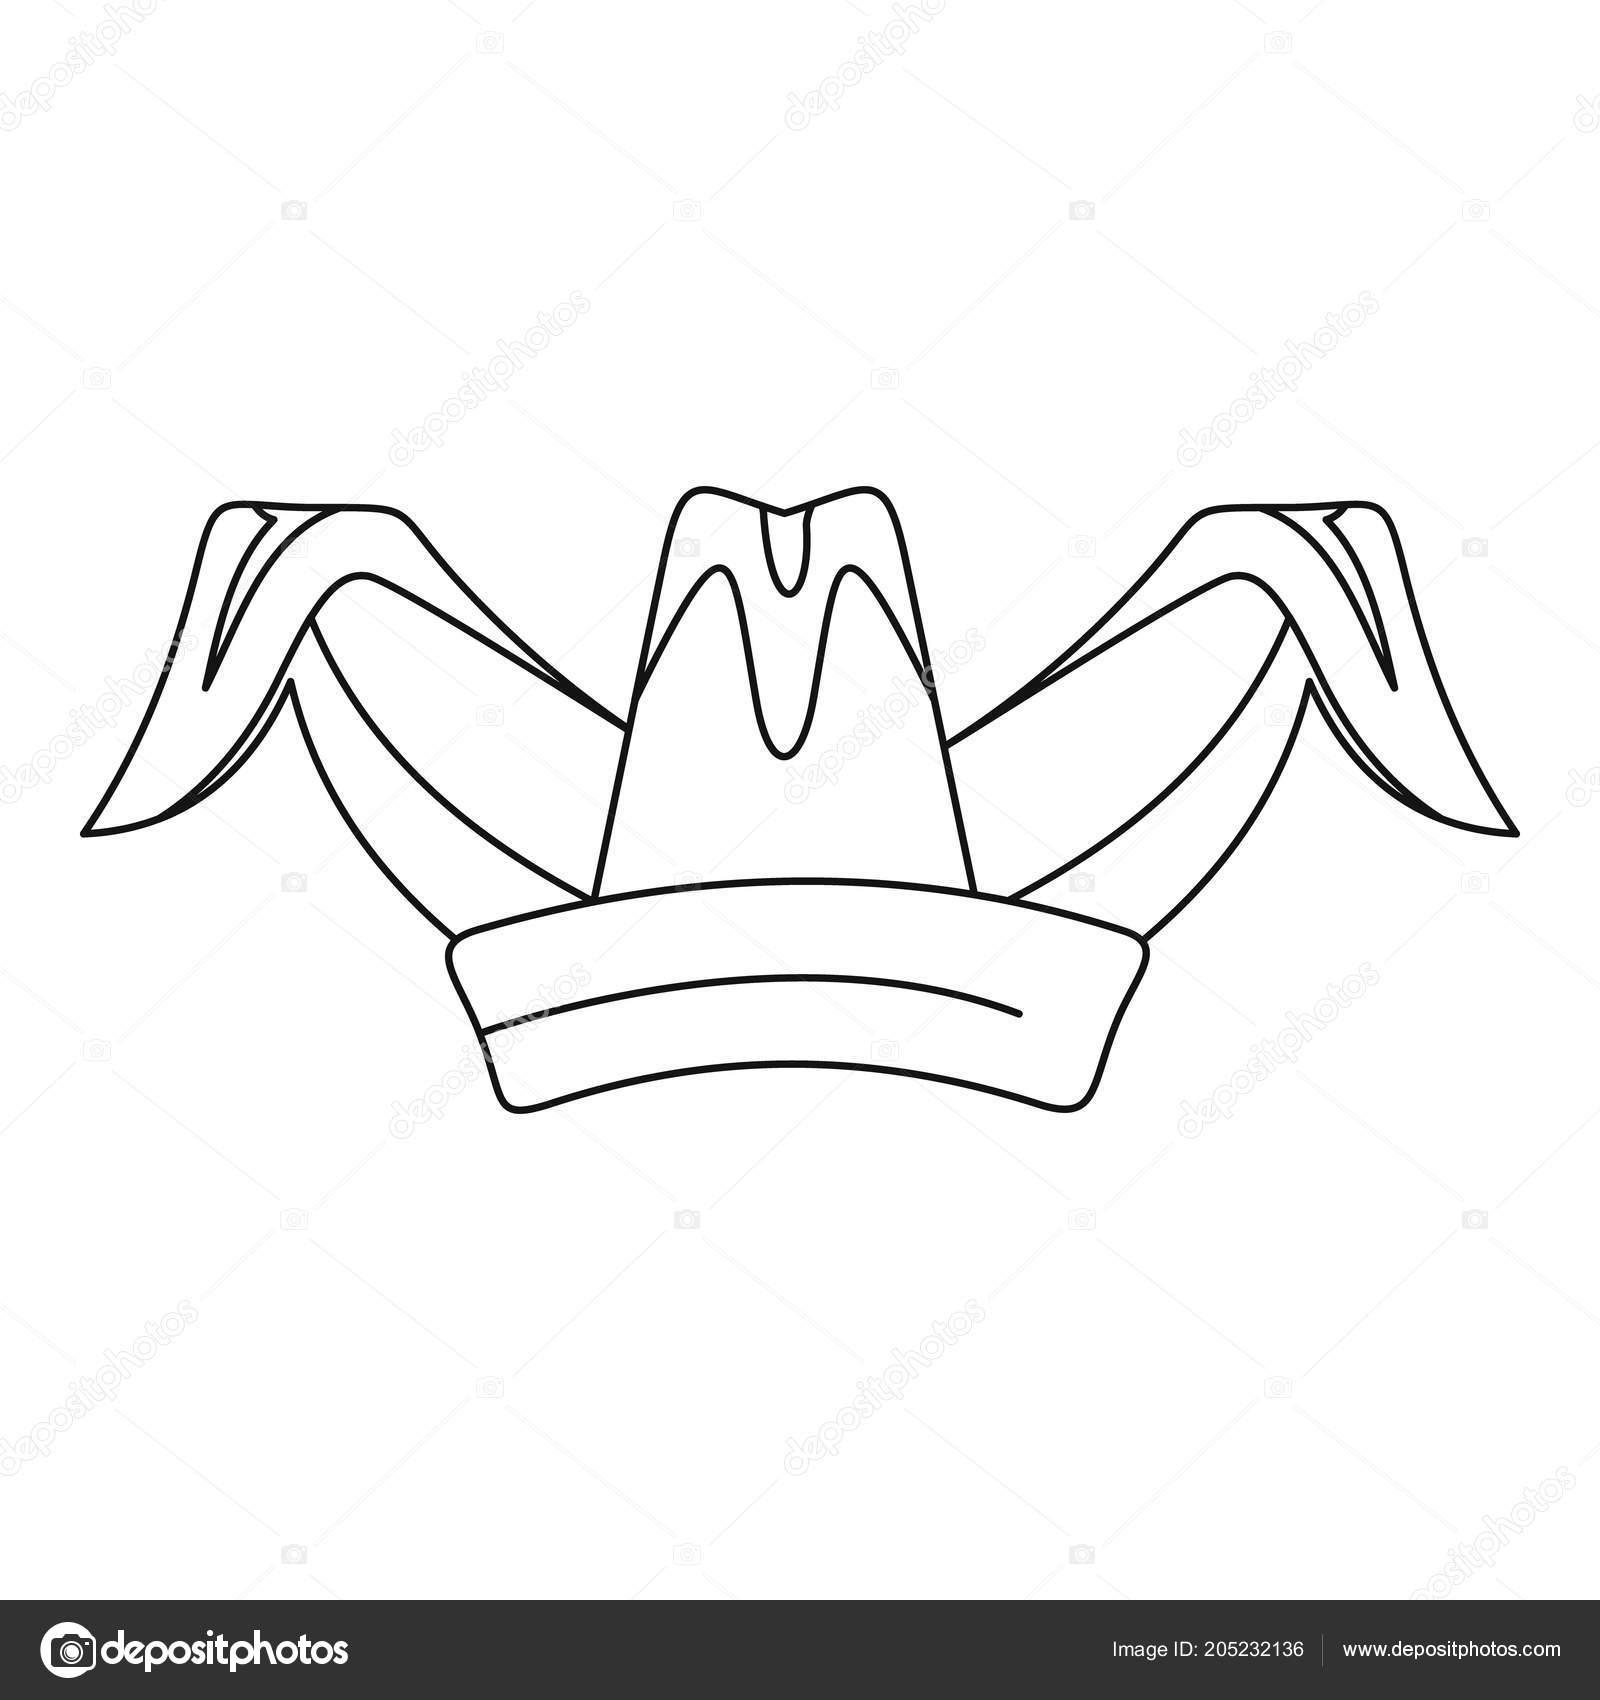 Icono de gorro de bufón. Ilustración de esbozo de icono de vector de  sombrero de bufón para diseño web aislado sobre fondo blanco — Vector de  anatolir 6ed9eeb9e99